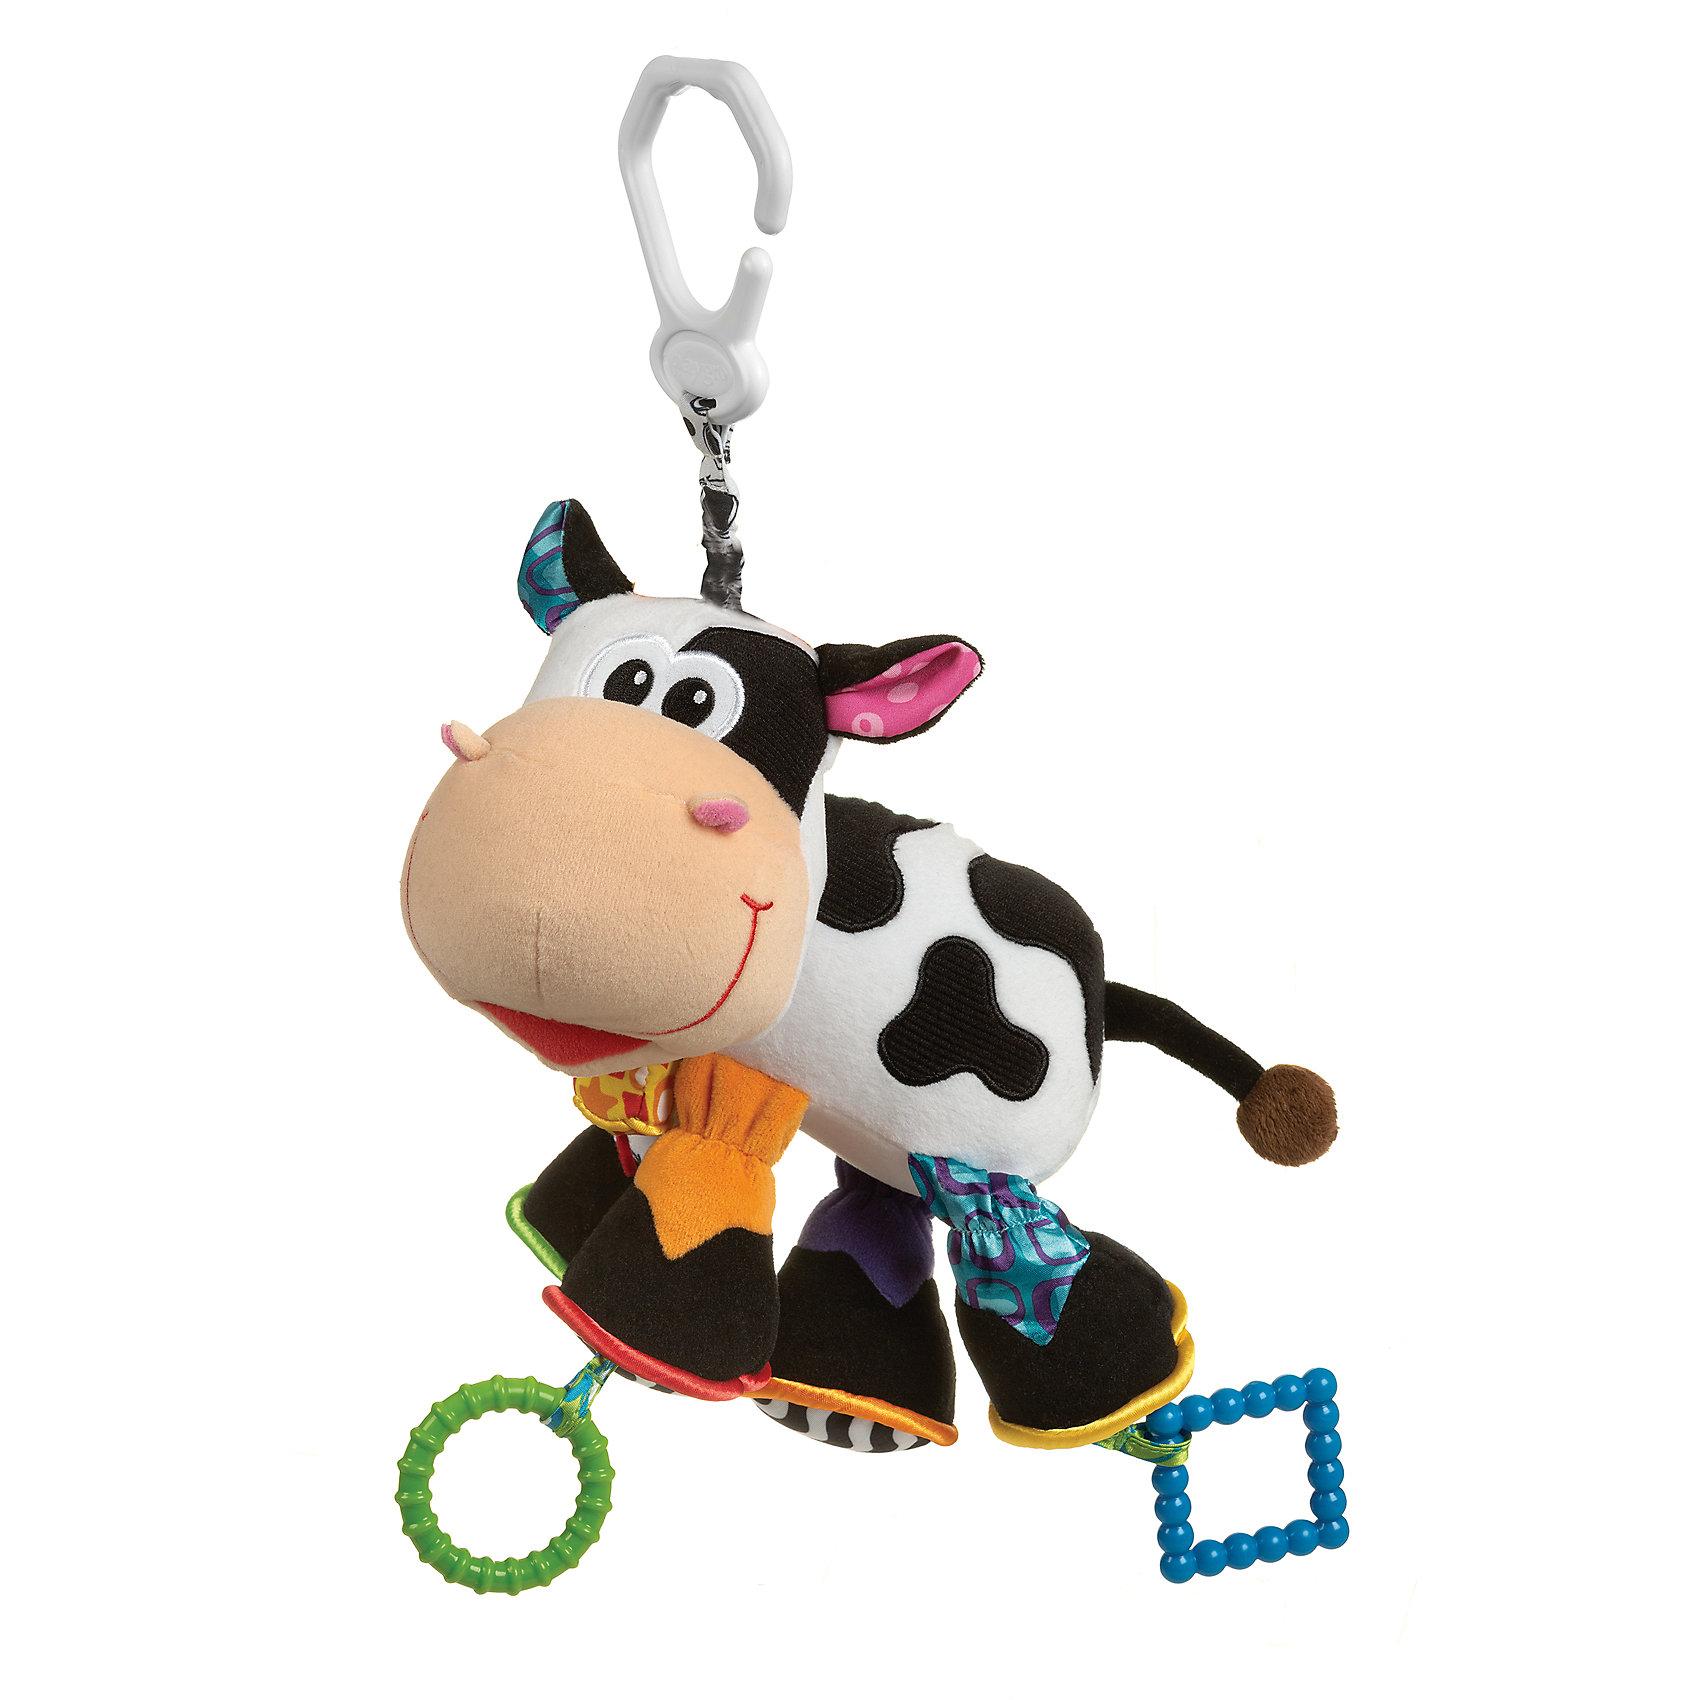 Игрушка-подвеска КороваПогремушки<br>Игрушка-подвеска Корова<br><br>Характеристики:<br><br>• Материал: текстиль<br>• Возраст: от 0 месяцев<br>• Крепление: прищепка<br><br>Мягкая игрушка сделана из качественного и безопасного материала, который не вредит ребенку. В лапках и ушках собачки специальное наполнение, которое шуршит, если их трогать. Прищепка надежно крепится на коляску или за бортик кроватки. Если потянуть игрушку на себя, то возвращаясь к прищепке, она будет забавно вибрировать. Игрушка поможет малышу развлечься и развить моторику рук.<br><br>Игрушка-подвеска Корова можно купить в нашем интернет-магазине.<br><br>Ширина мм: 200<br>Глубина мм: 180<br>Высота мм: 100<br>Вес г: 150<br>Возраст от месяцев: 0<br>Возраст до месяцев: 12<br>Пол: Унисекс<br>Возраст: Детский<br>SKU: 4837595